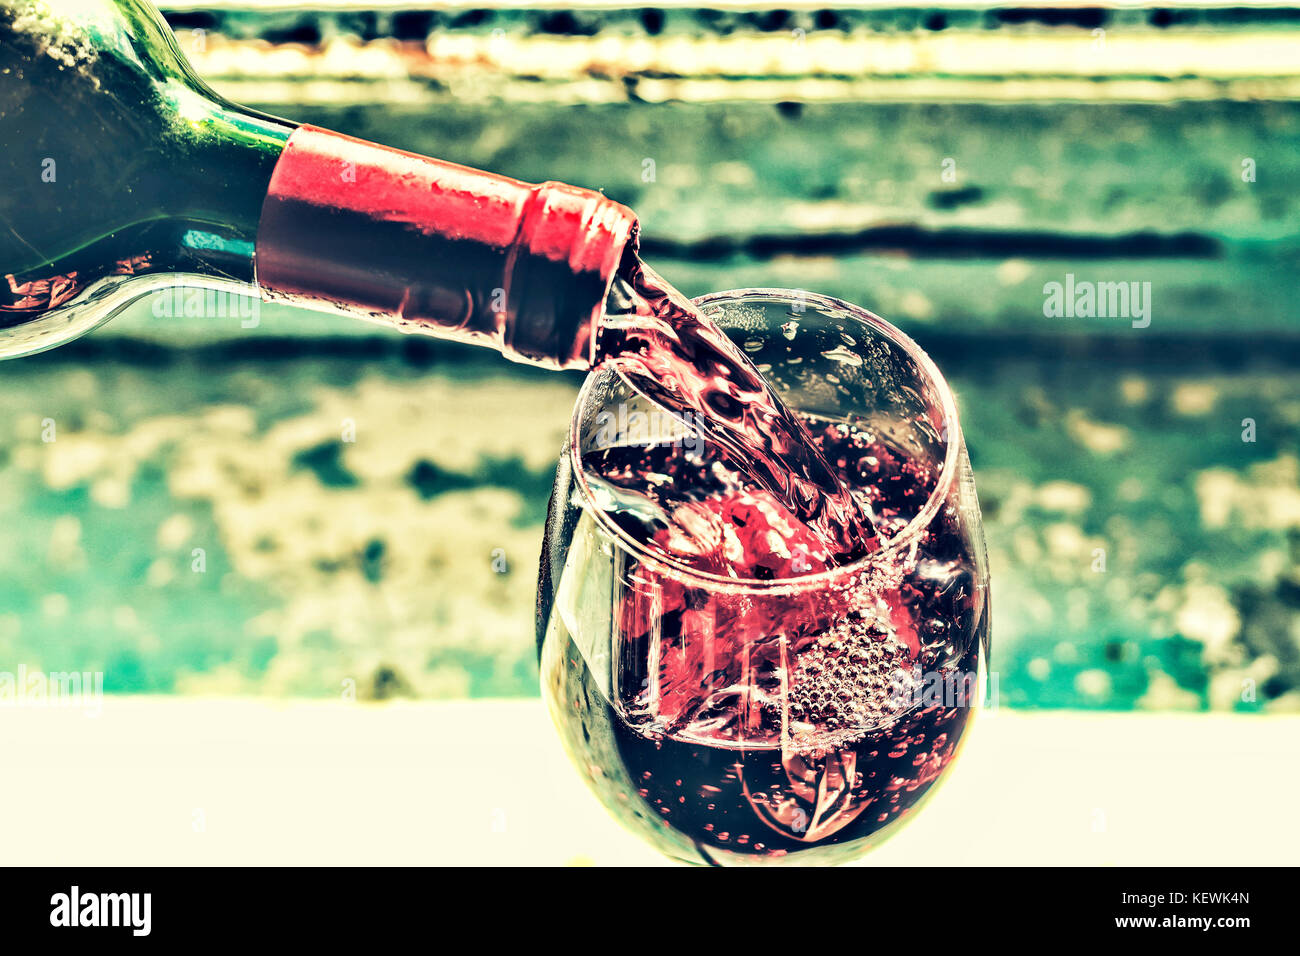 Weihnachten, Neujahr. Gießen rot Wein. Wein in ein Glas. selektive Fokus, Bewegungsunschärfe, Rotwein in ein Glas. Stockfoto